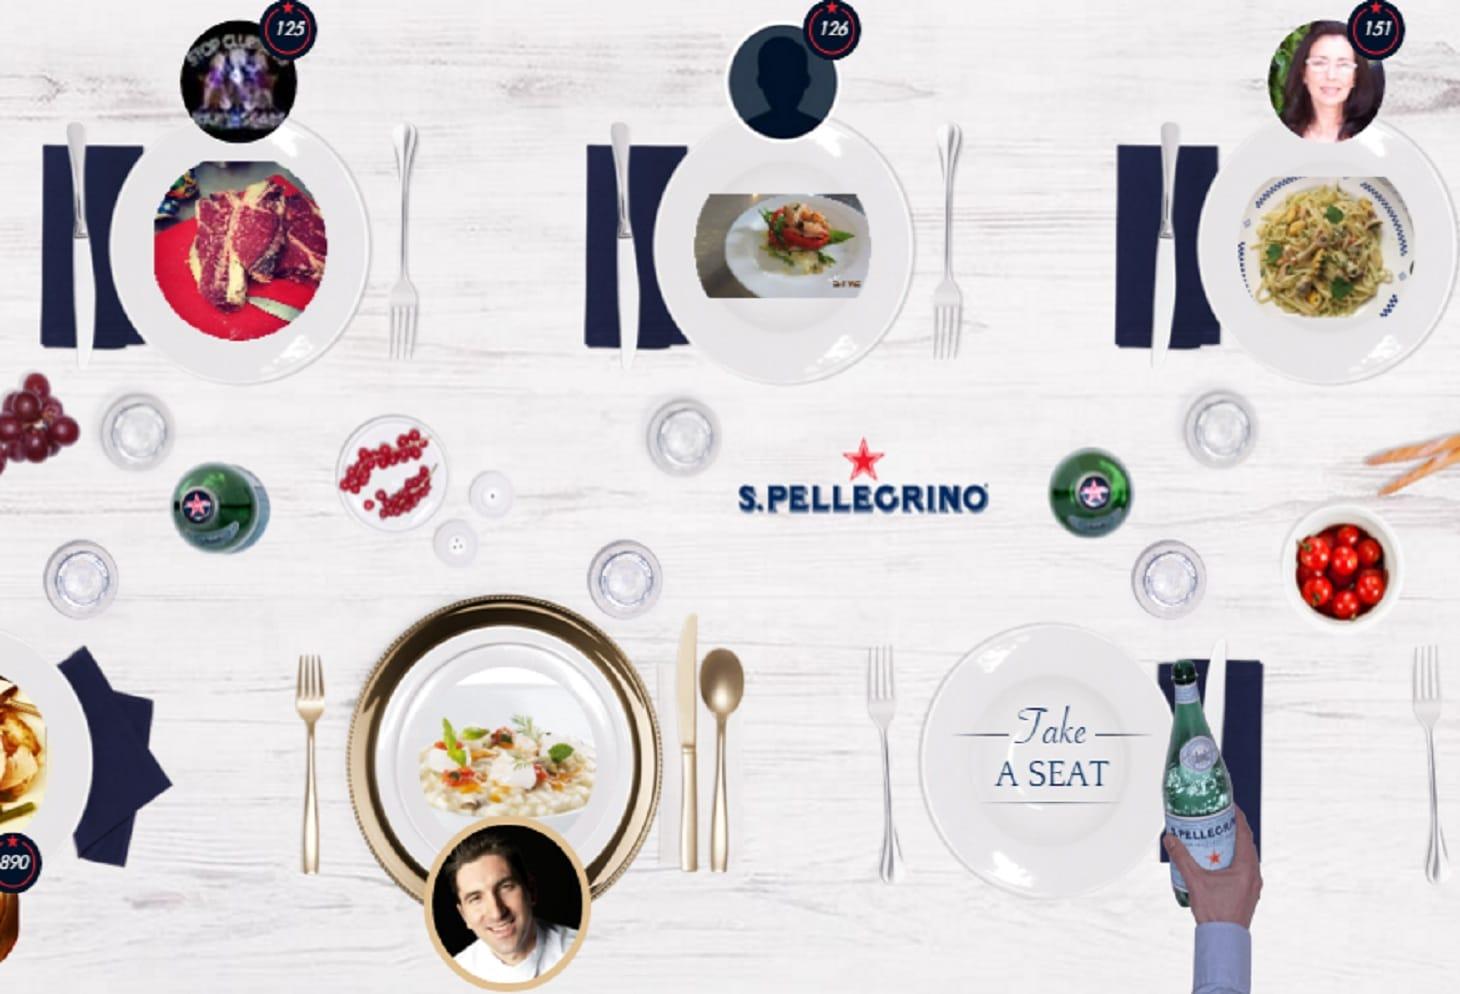 Online foodie foodie dating sites